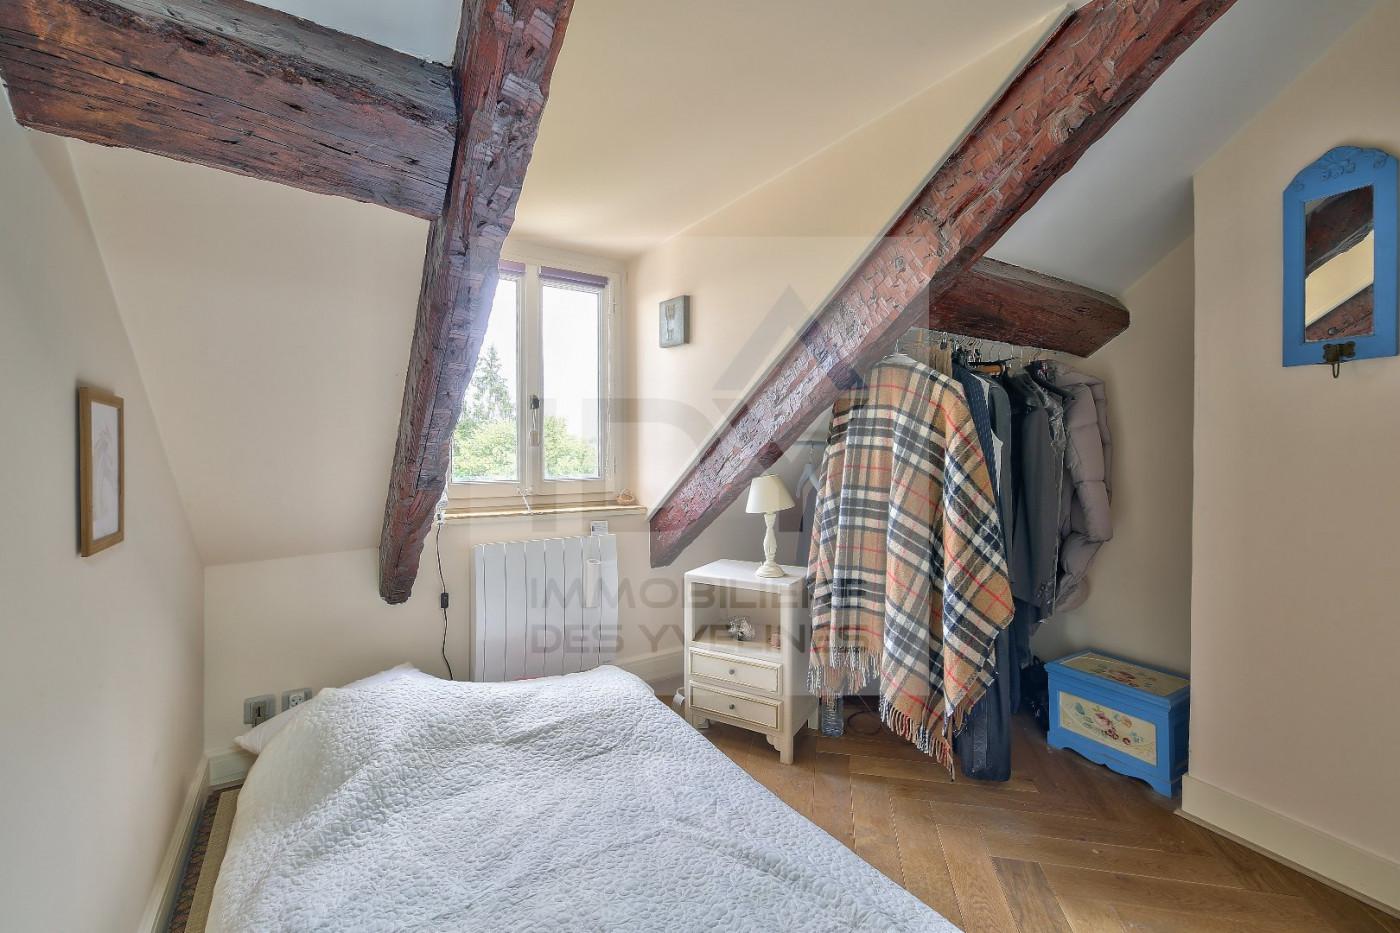 A vendre  Saint Germain En Laye   Réf 780115603 - Immobilière des yvelines